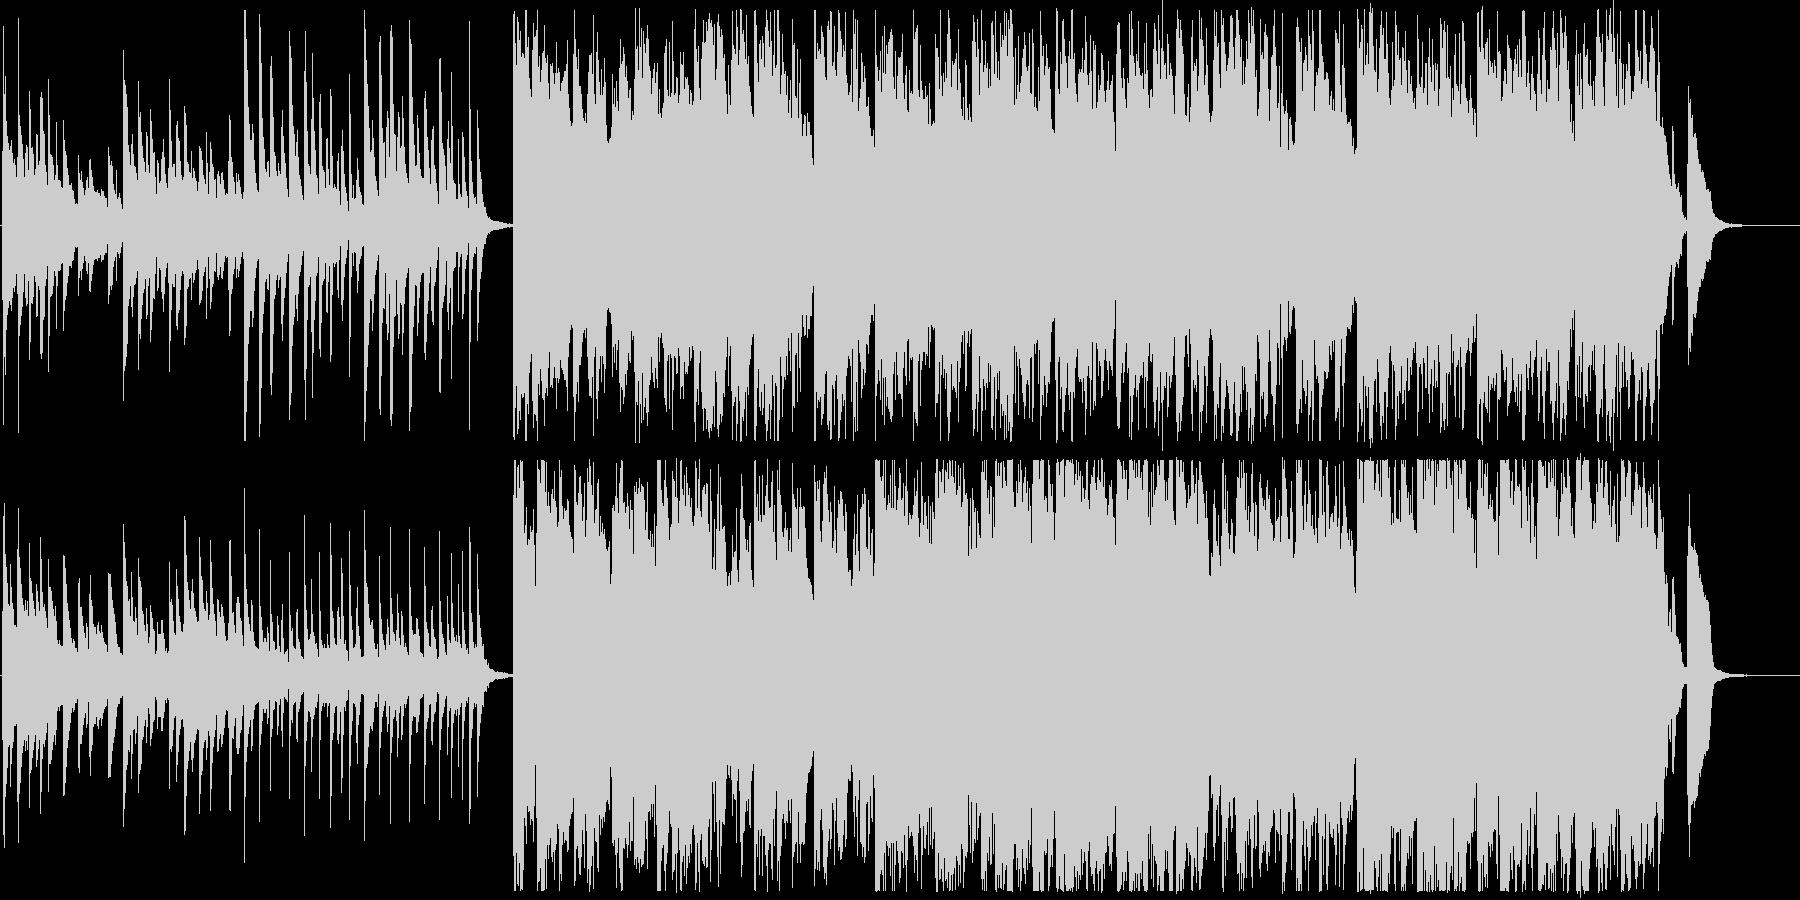 ピアノやマリンバを使用したポップな曲の未再生の波形